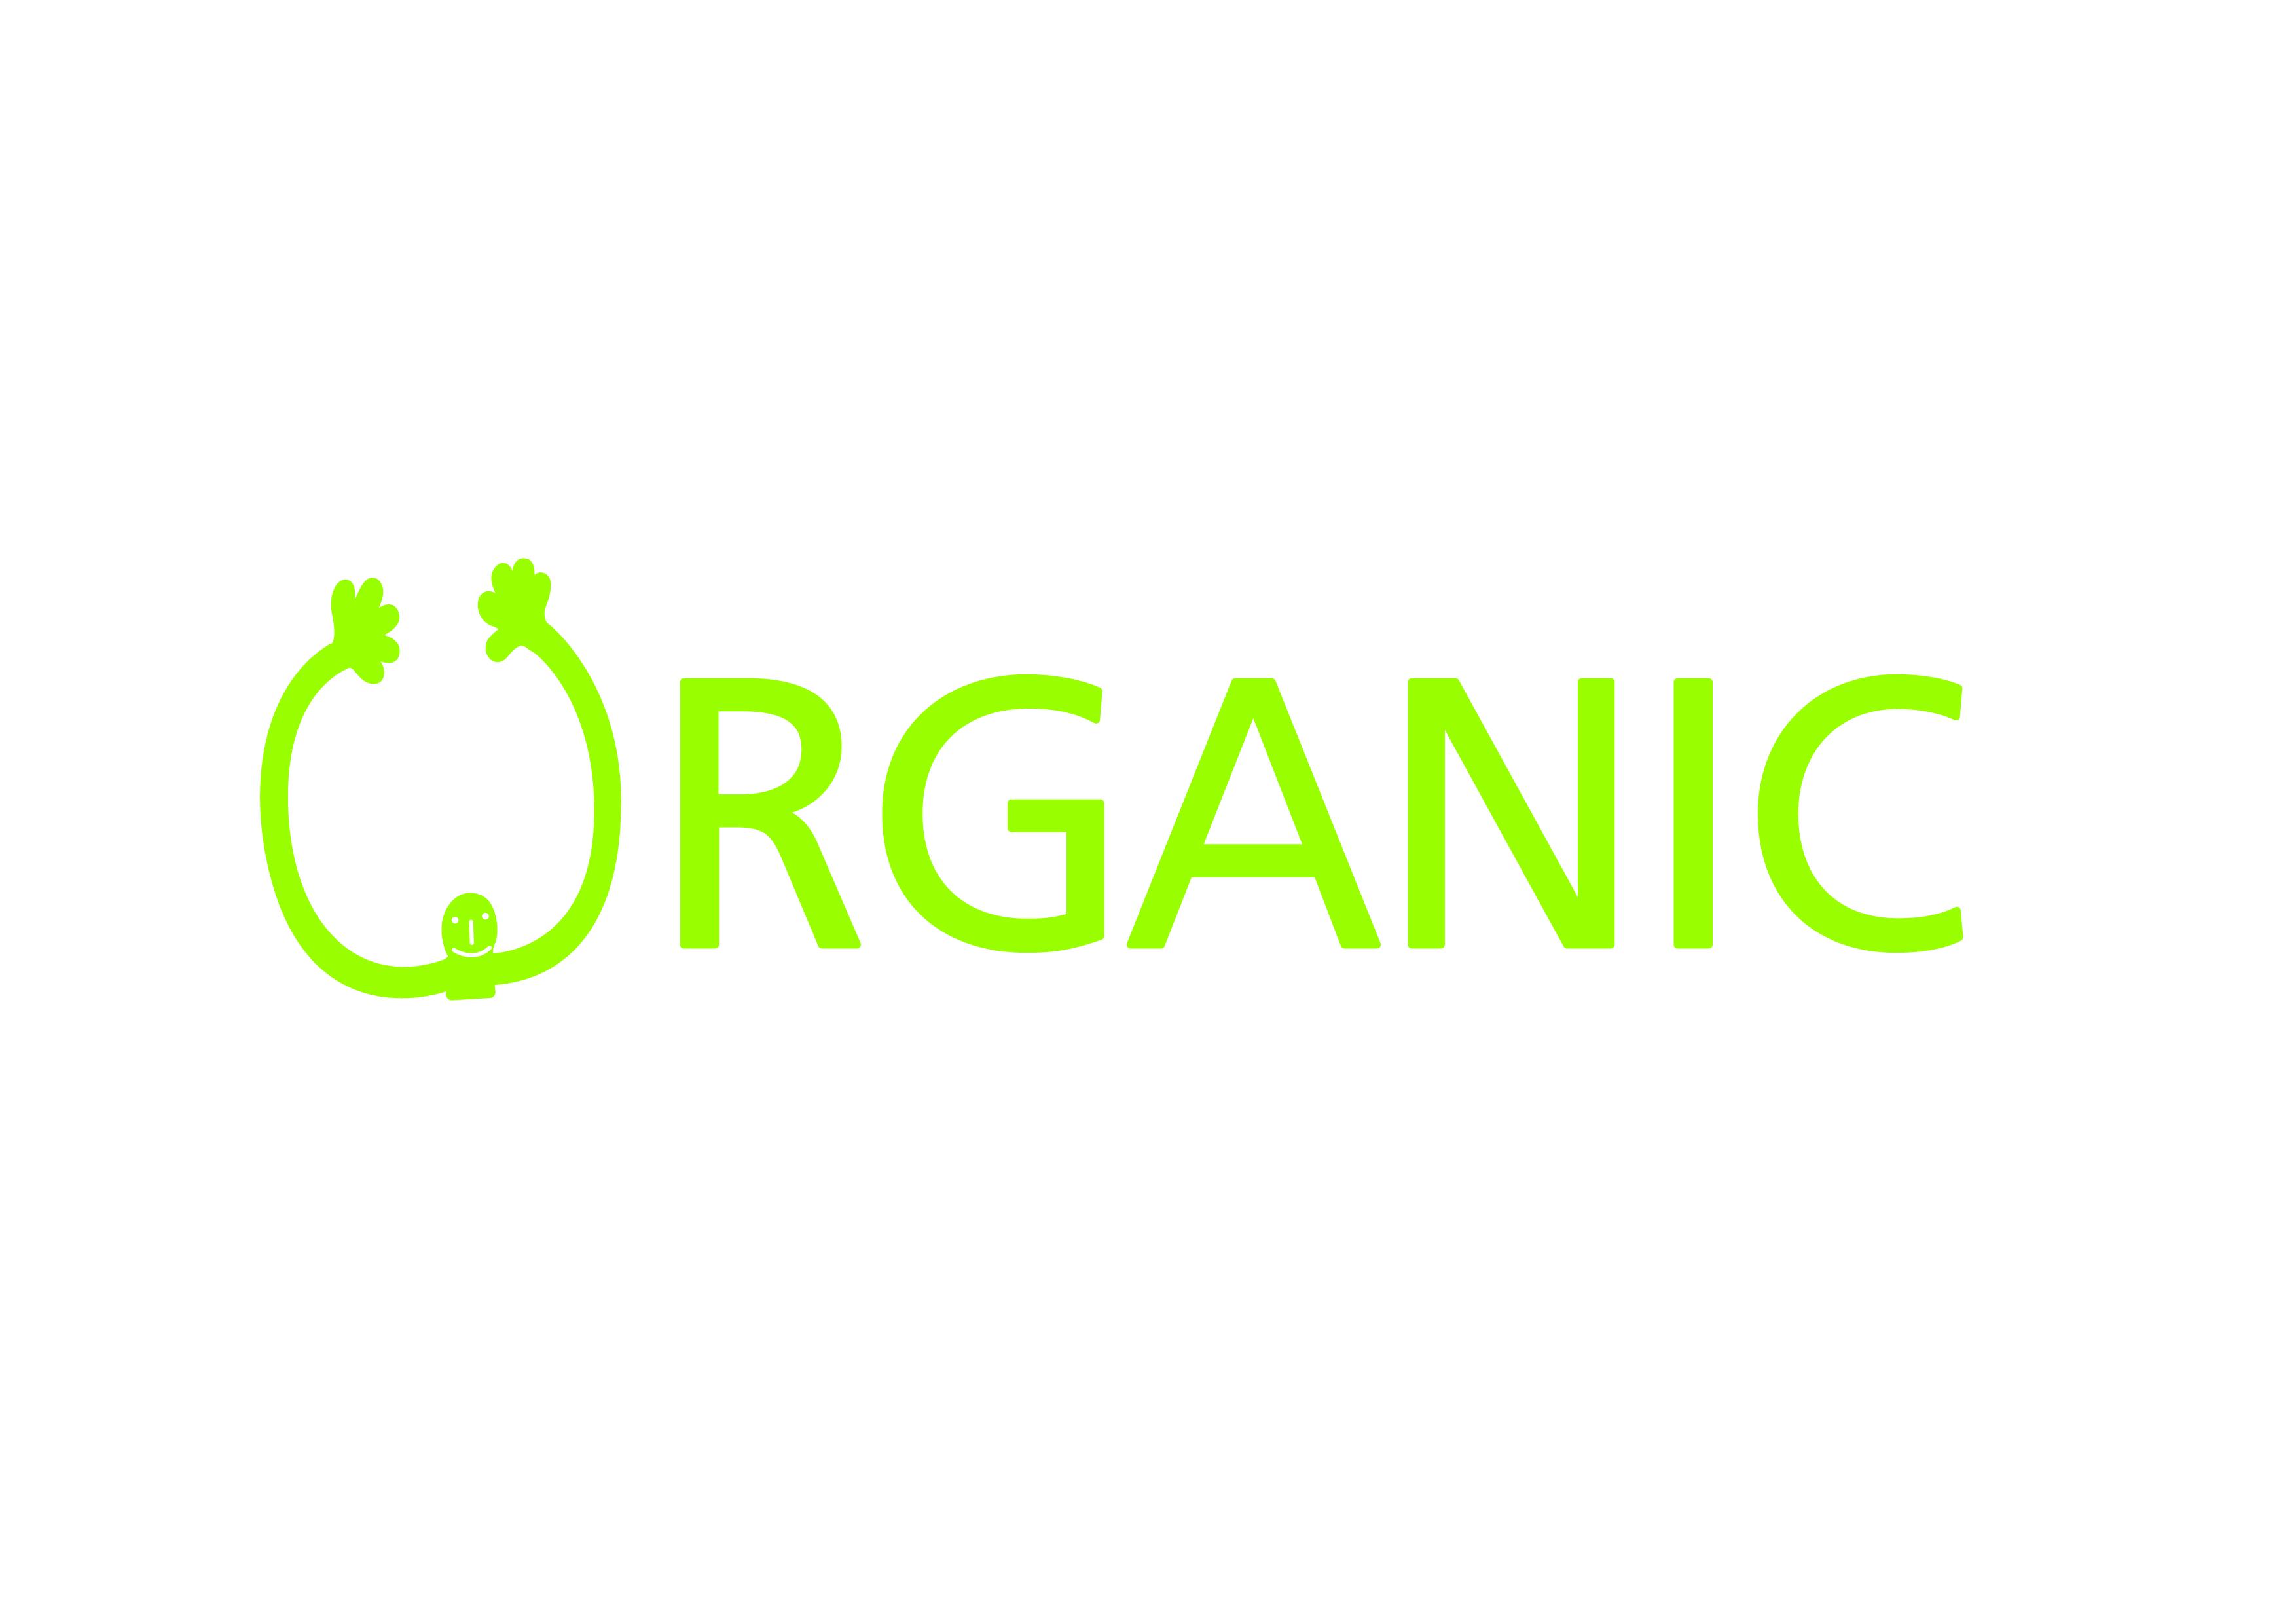 オーガニックEXPO2014  「有機農産物マッチングパビリオン」 開催期間:2014年11月20日(木)~11月21日(金) ※22日(土)は販売会を開催 ~事前無料セミナーを11月16日(日)に開催いたします~